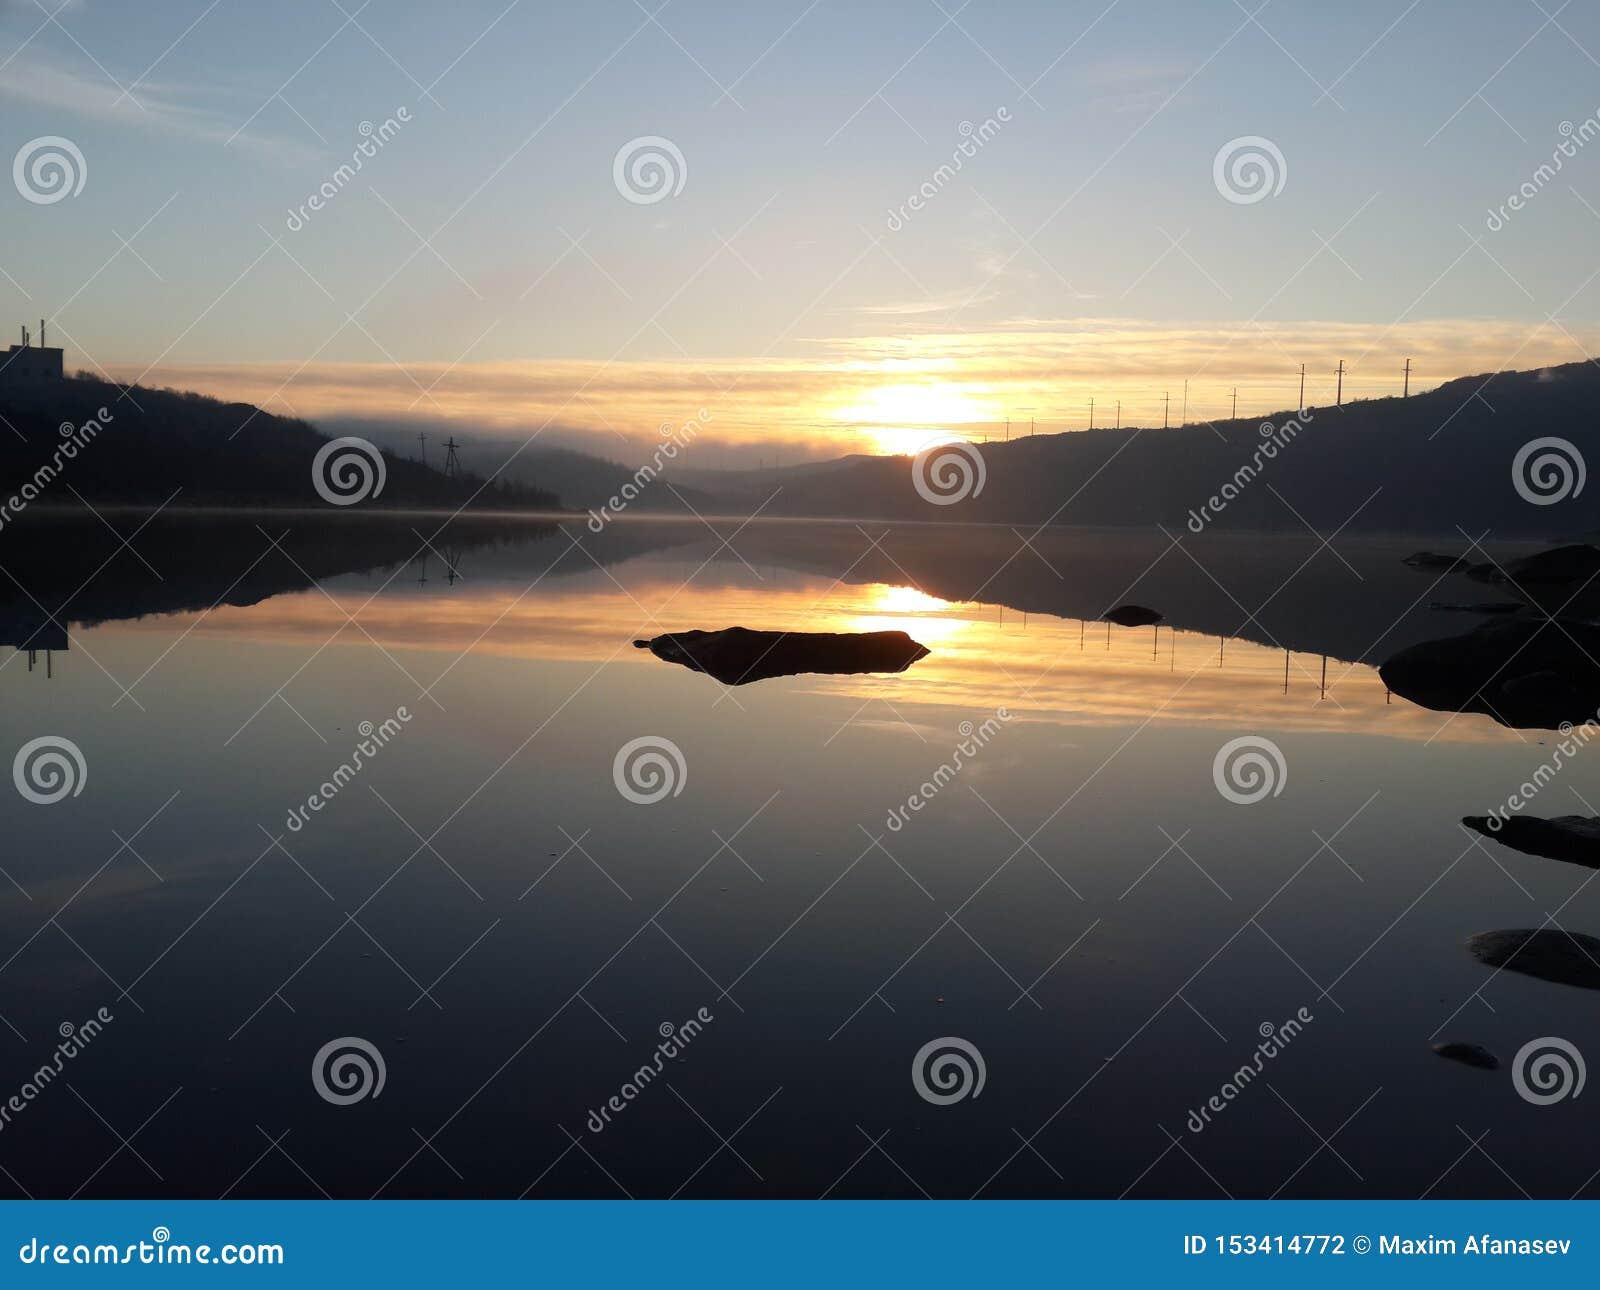 Sommar i den arktiska cirkeln Starten av den mörka tidspunkten, med en underbar utgående sol, på bakgrunden av sjön och Het